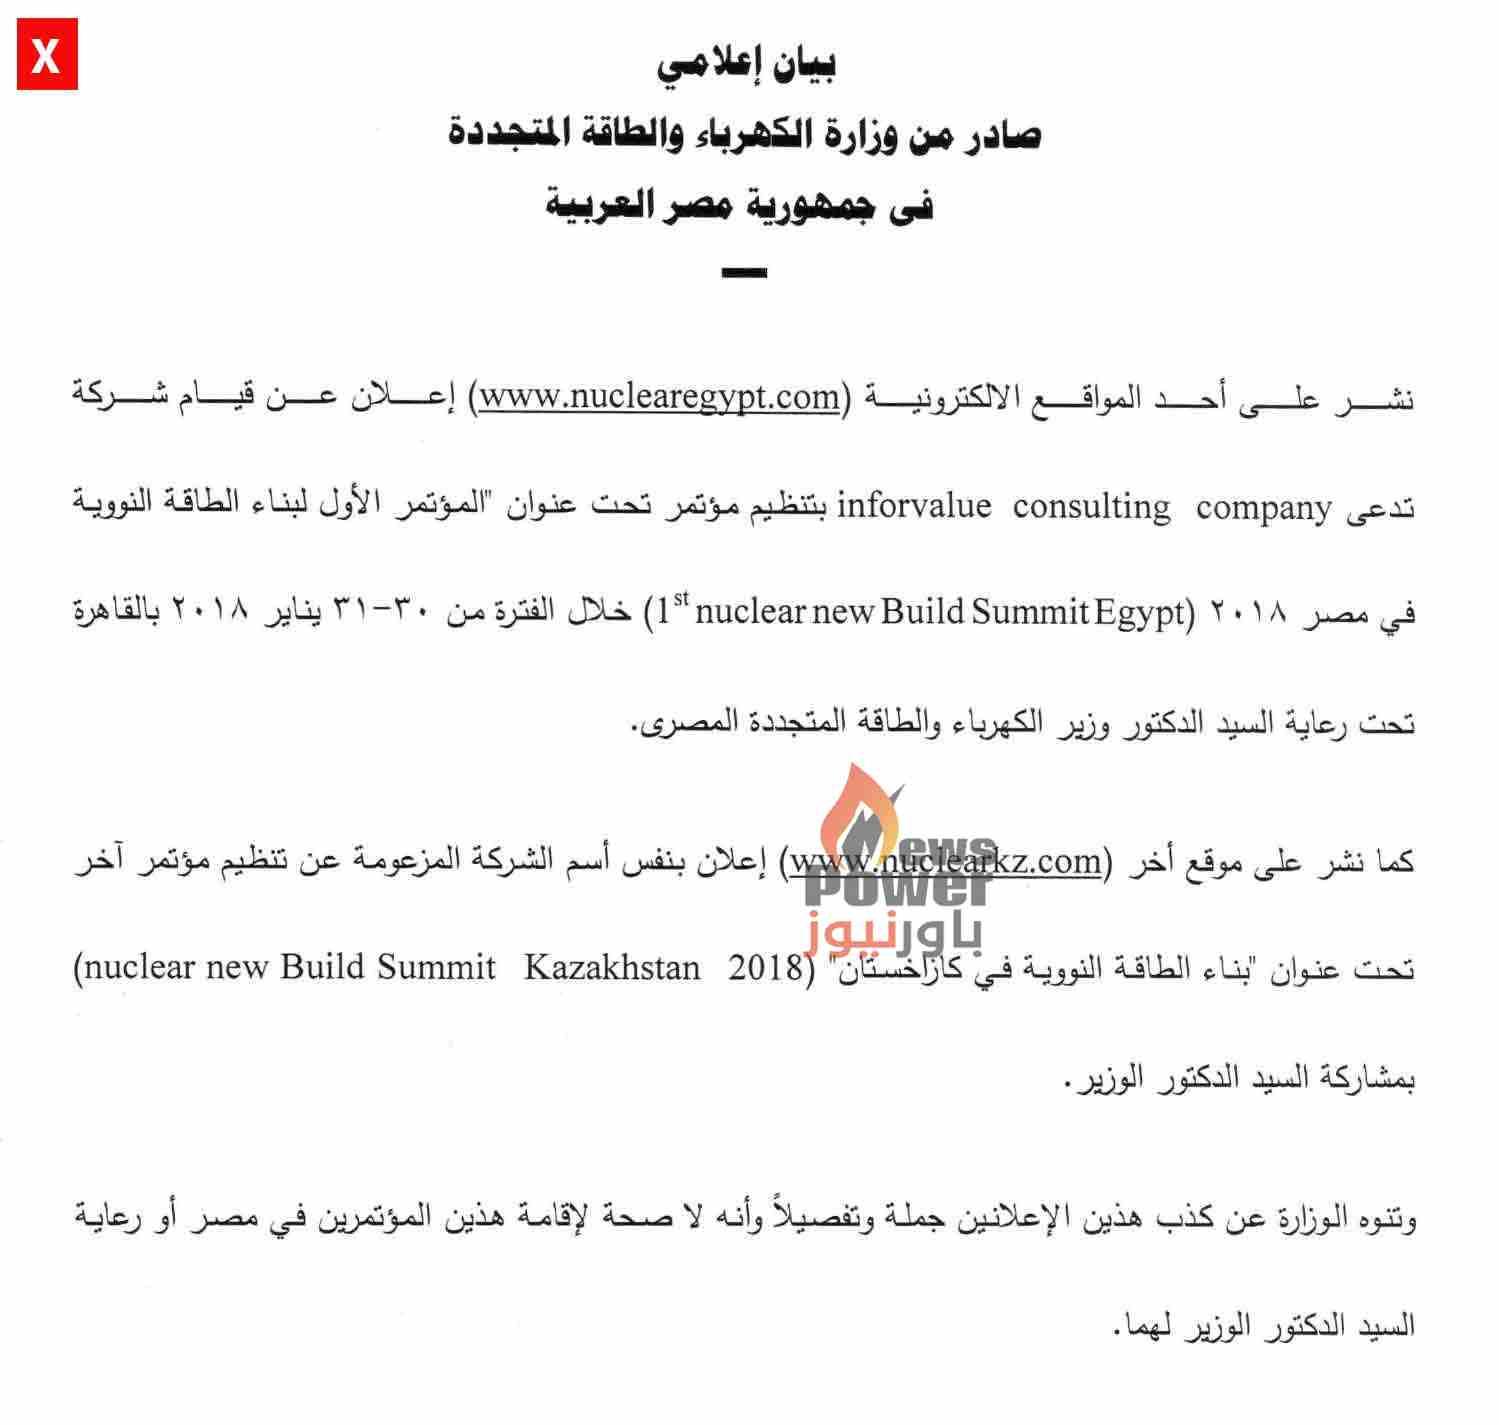 وزارة الكهرباء تُكذب ادعاءات مواقع الكترونية بشأن اقامة مؤتمرات للطاقة النووية تحت رعاية وزير الكهرباء